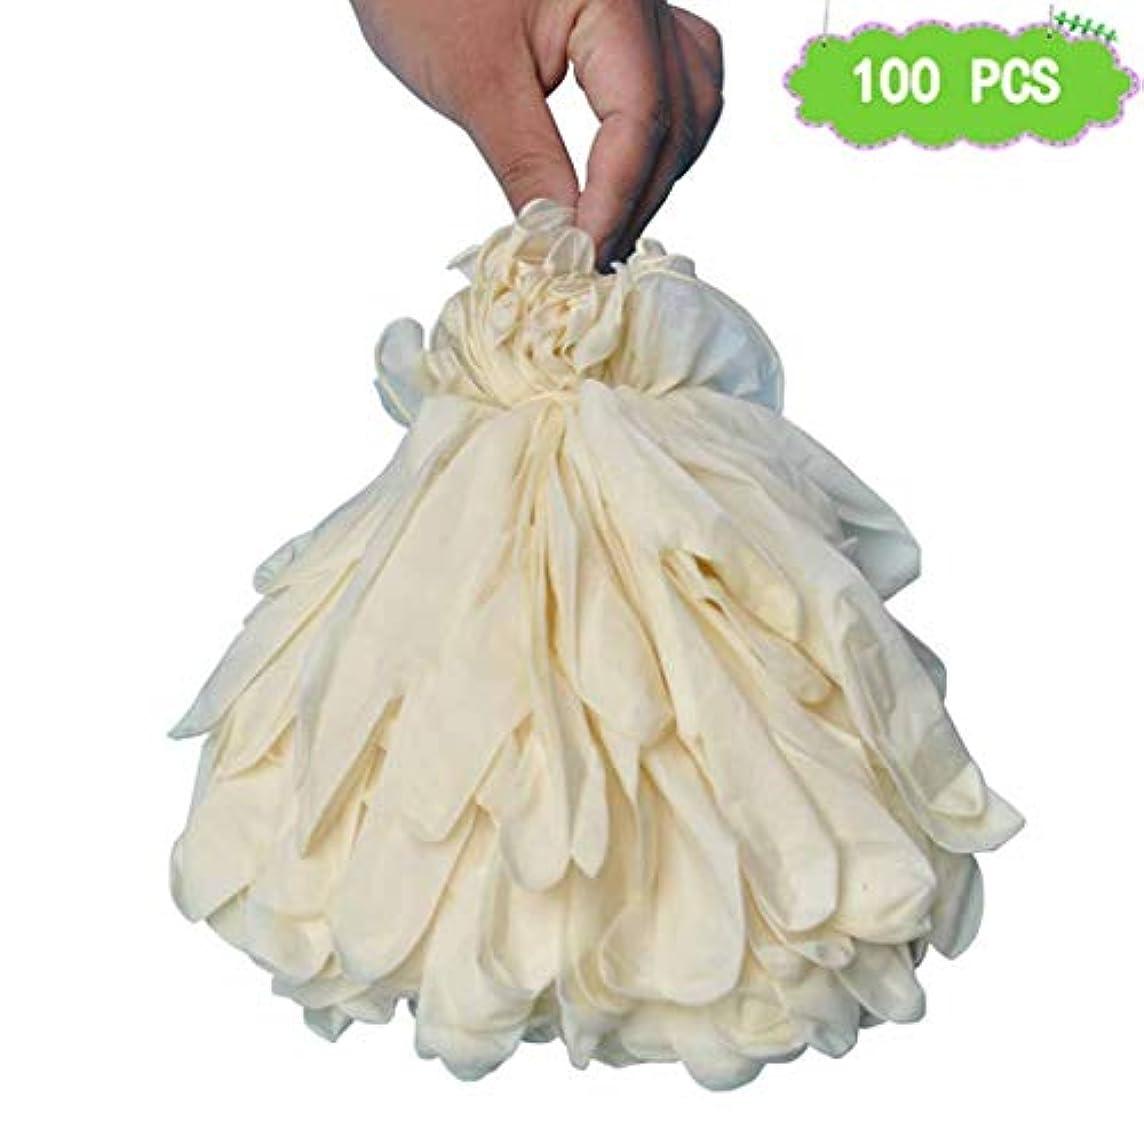 虐殺構造白いラテックス手袋使い捨てゴム手袋食品使い捨て手袋ペットケアネイルアート検査保護実験、美容院ラテックスフリー、、 100個 (Size : M)